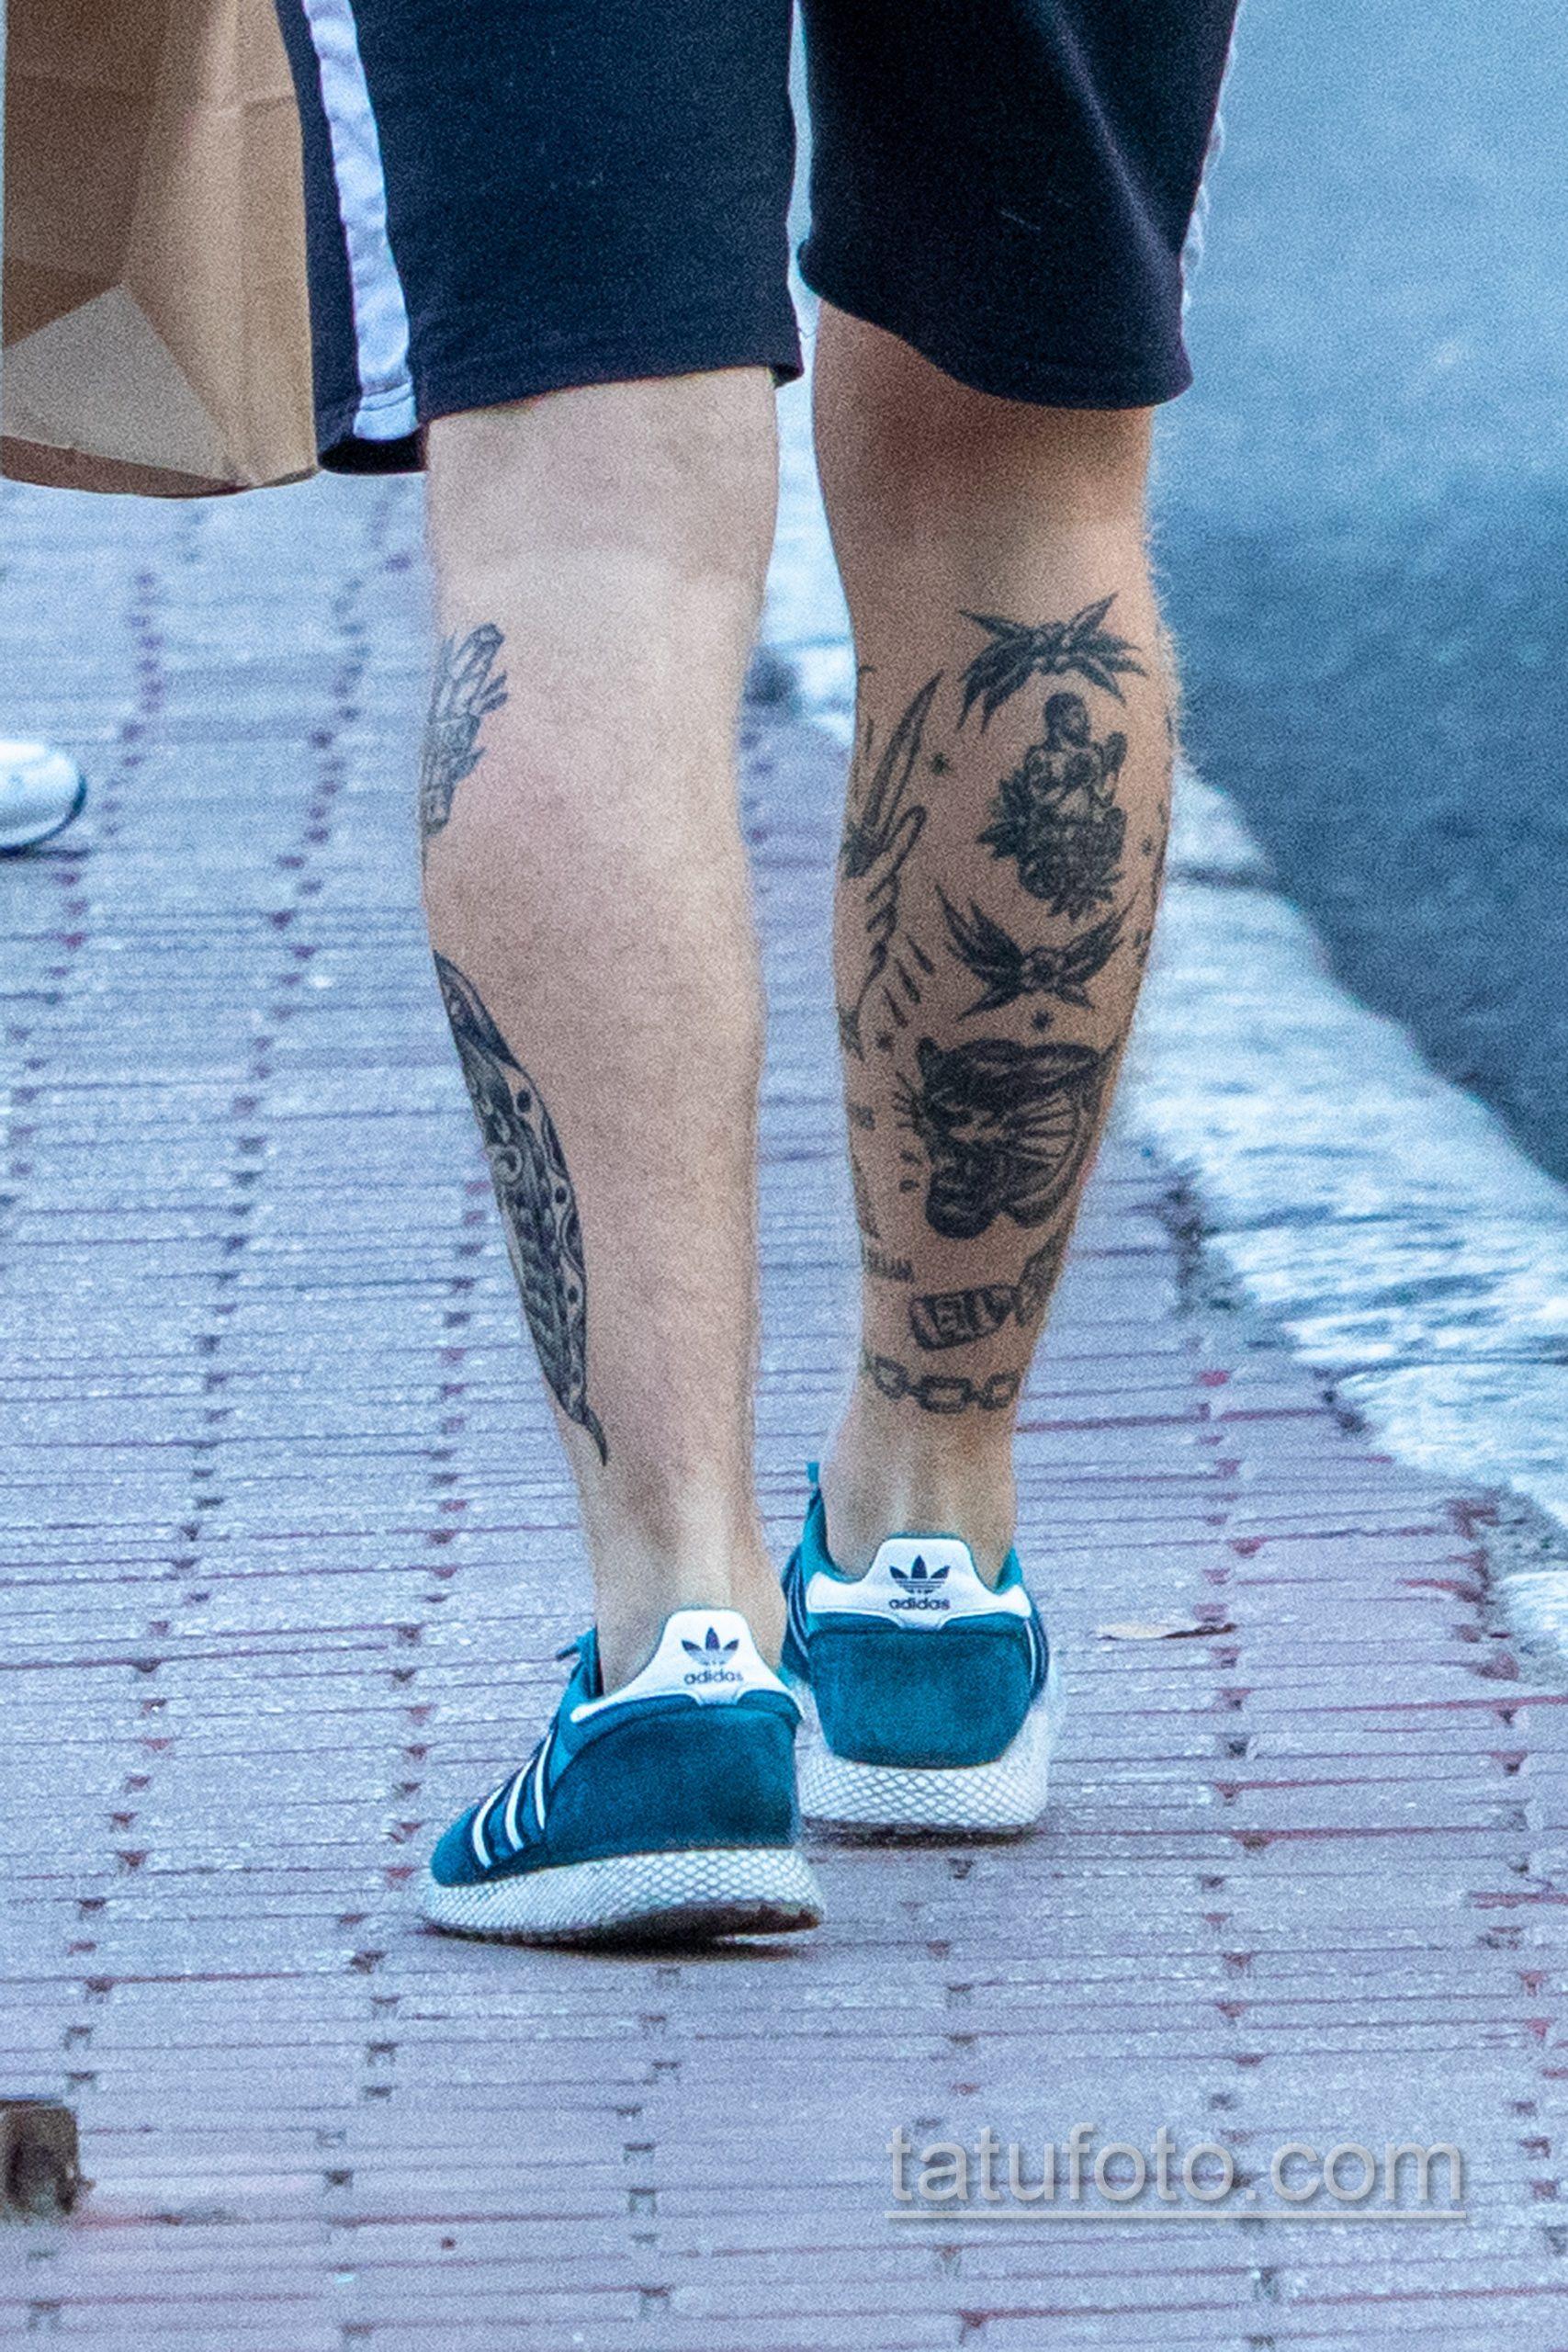 Олдскул тату на ноге парня с тигром – боксером и цепями - Уличная татуировка 14.09.2020 – tatufoto.com 6